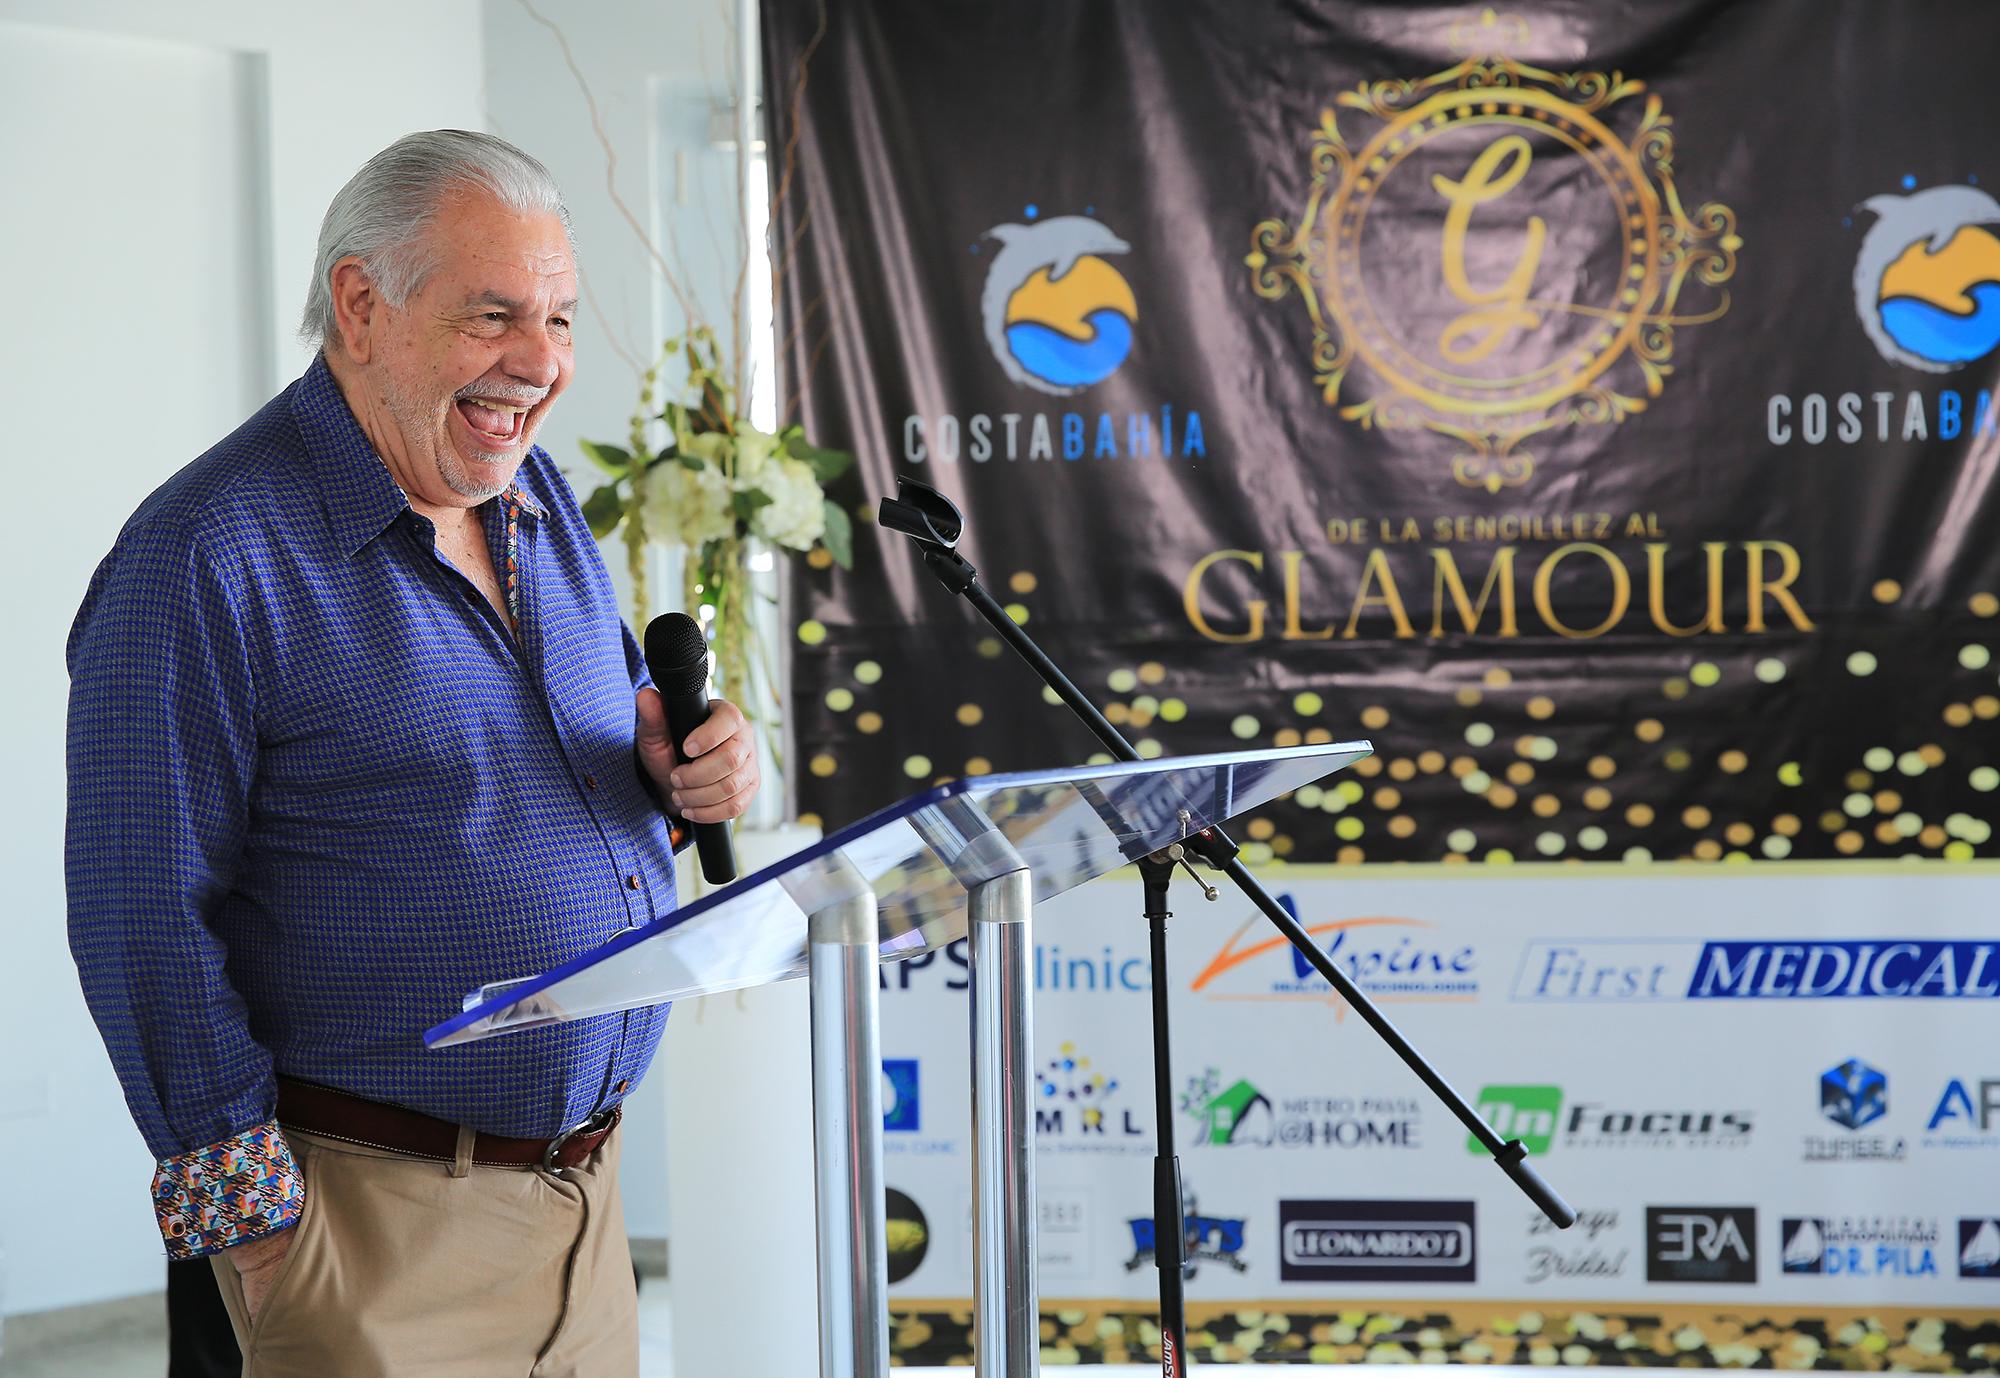 """Lcdo. Eduardo Artau Gómez, propietario de Costa Bahía Hotel, Convention Center & Casino en Guayanilla se dirige a los presentes en la actividad """"De La Sencillez al Glamour""""."""